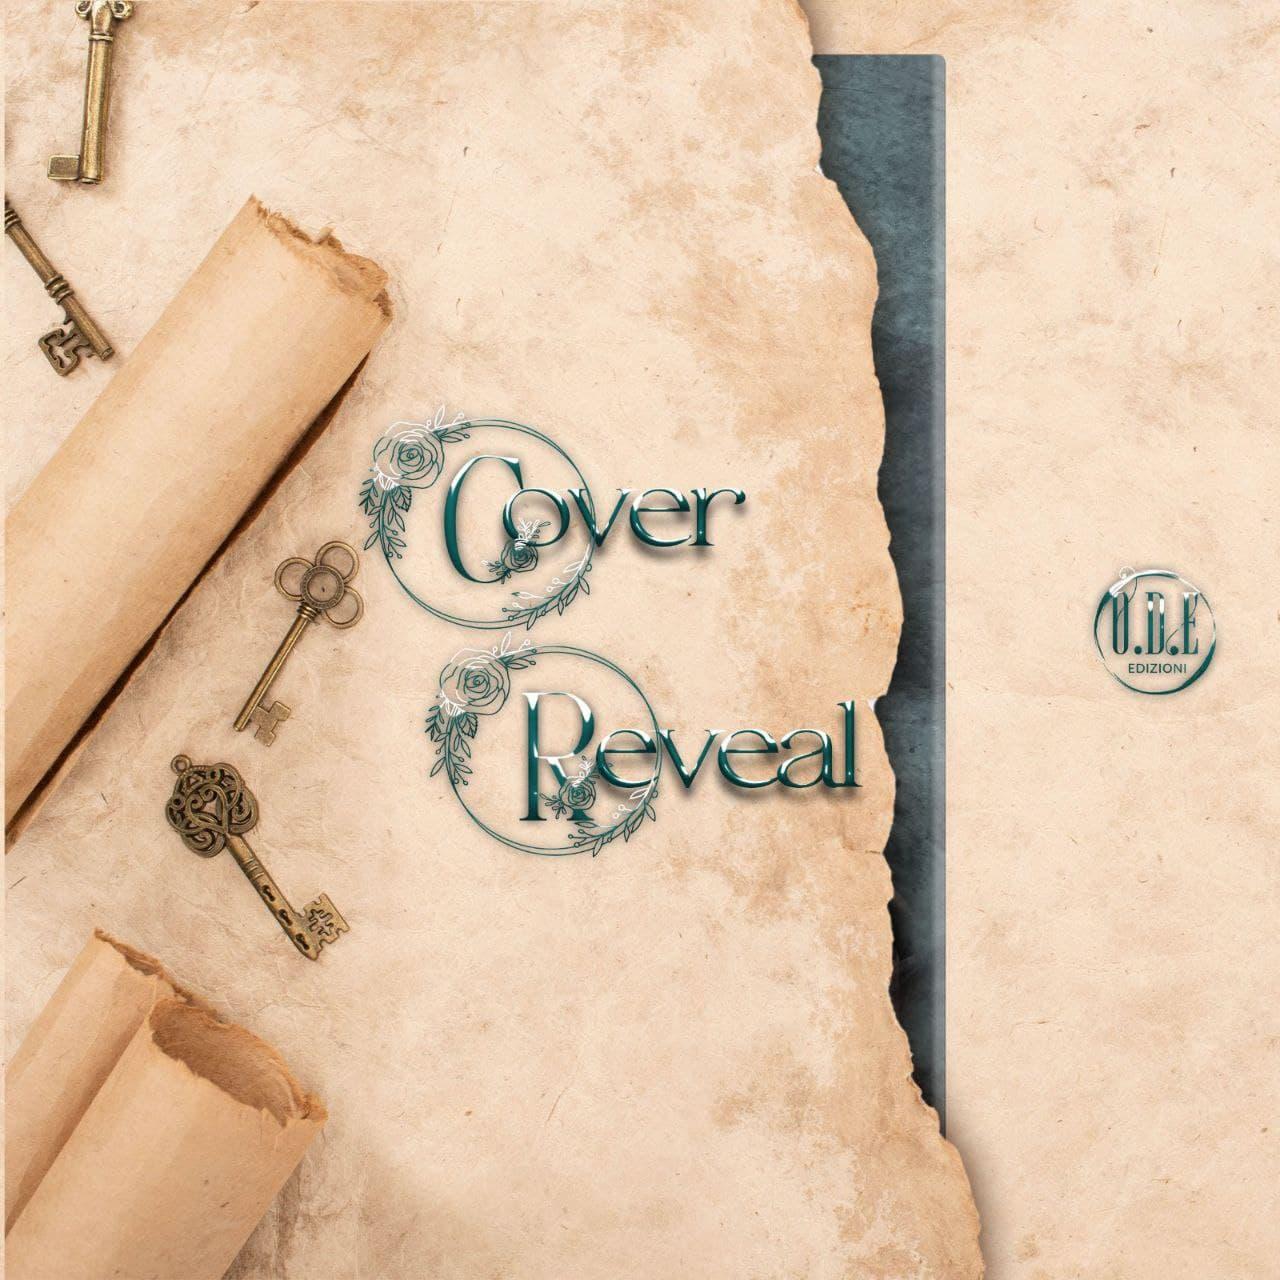 Cover reveal, Lucretia di Amelia J.Parker